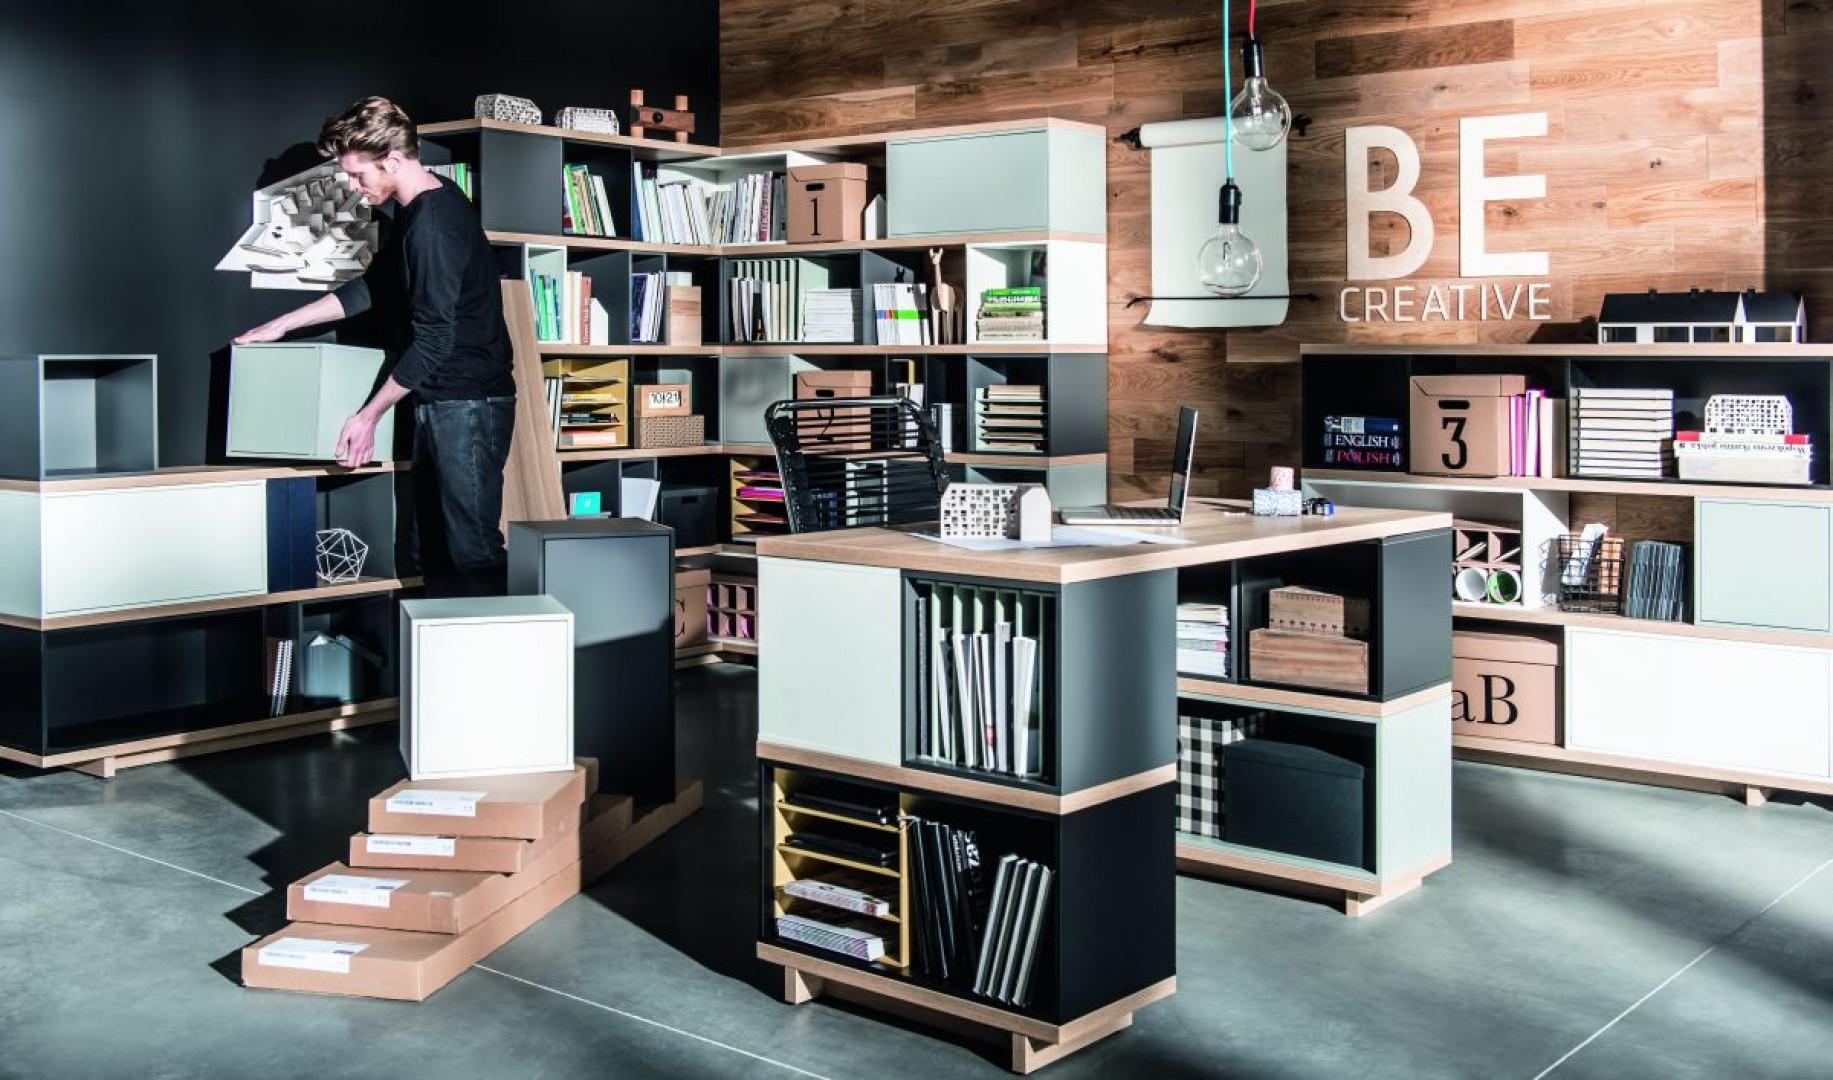 Kolekcja Balance firmy Vox to system intuicyjny, którego wygląd i użyteczności zależą wyłącznie od wyobraźni użytkownika. Fot. Vox